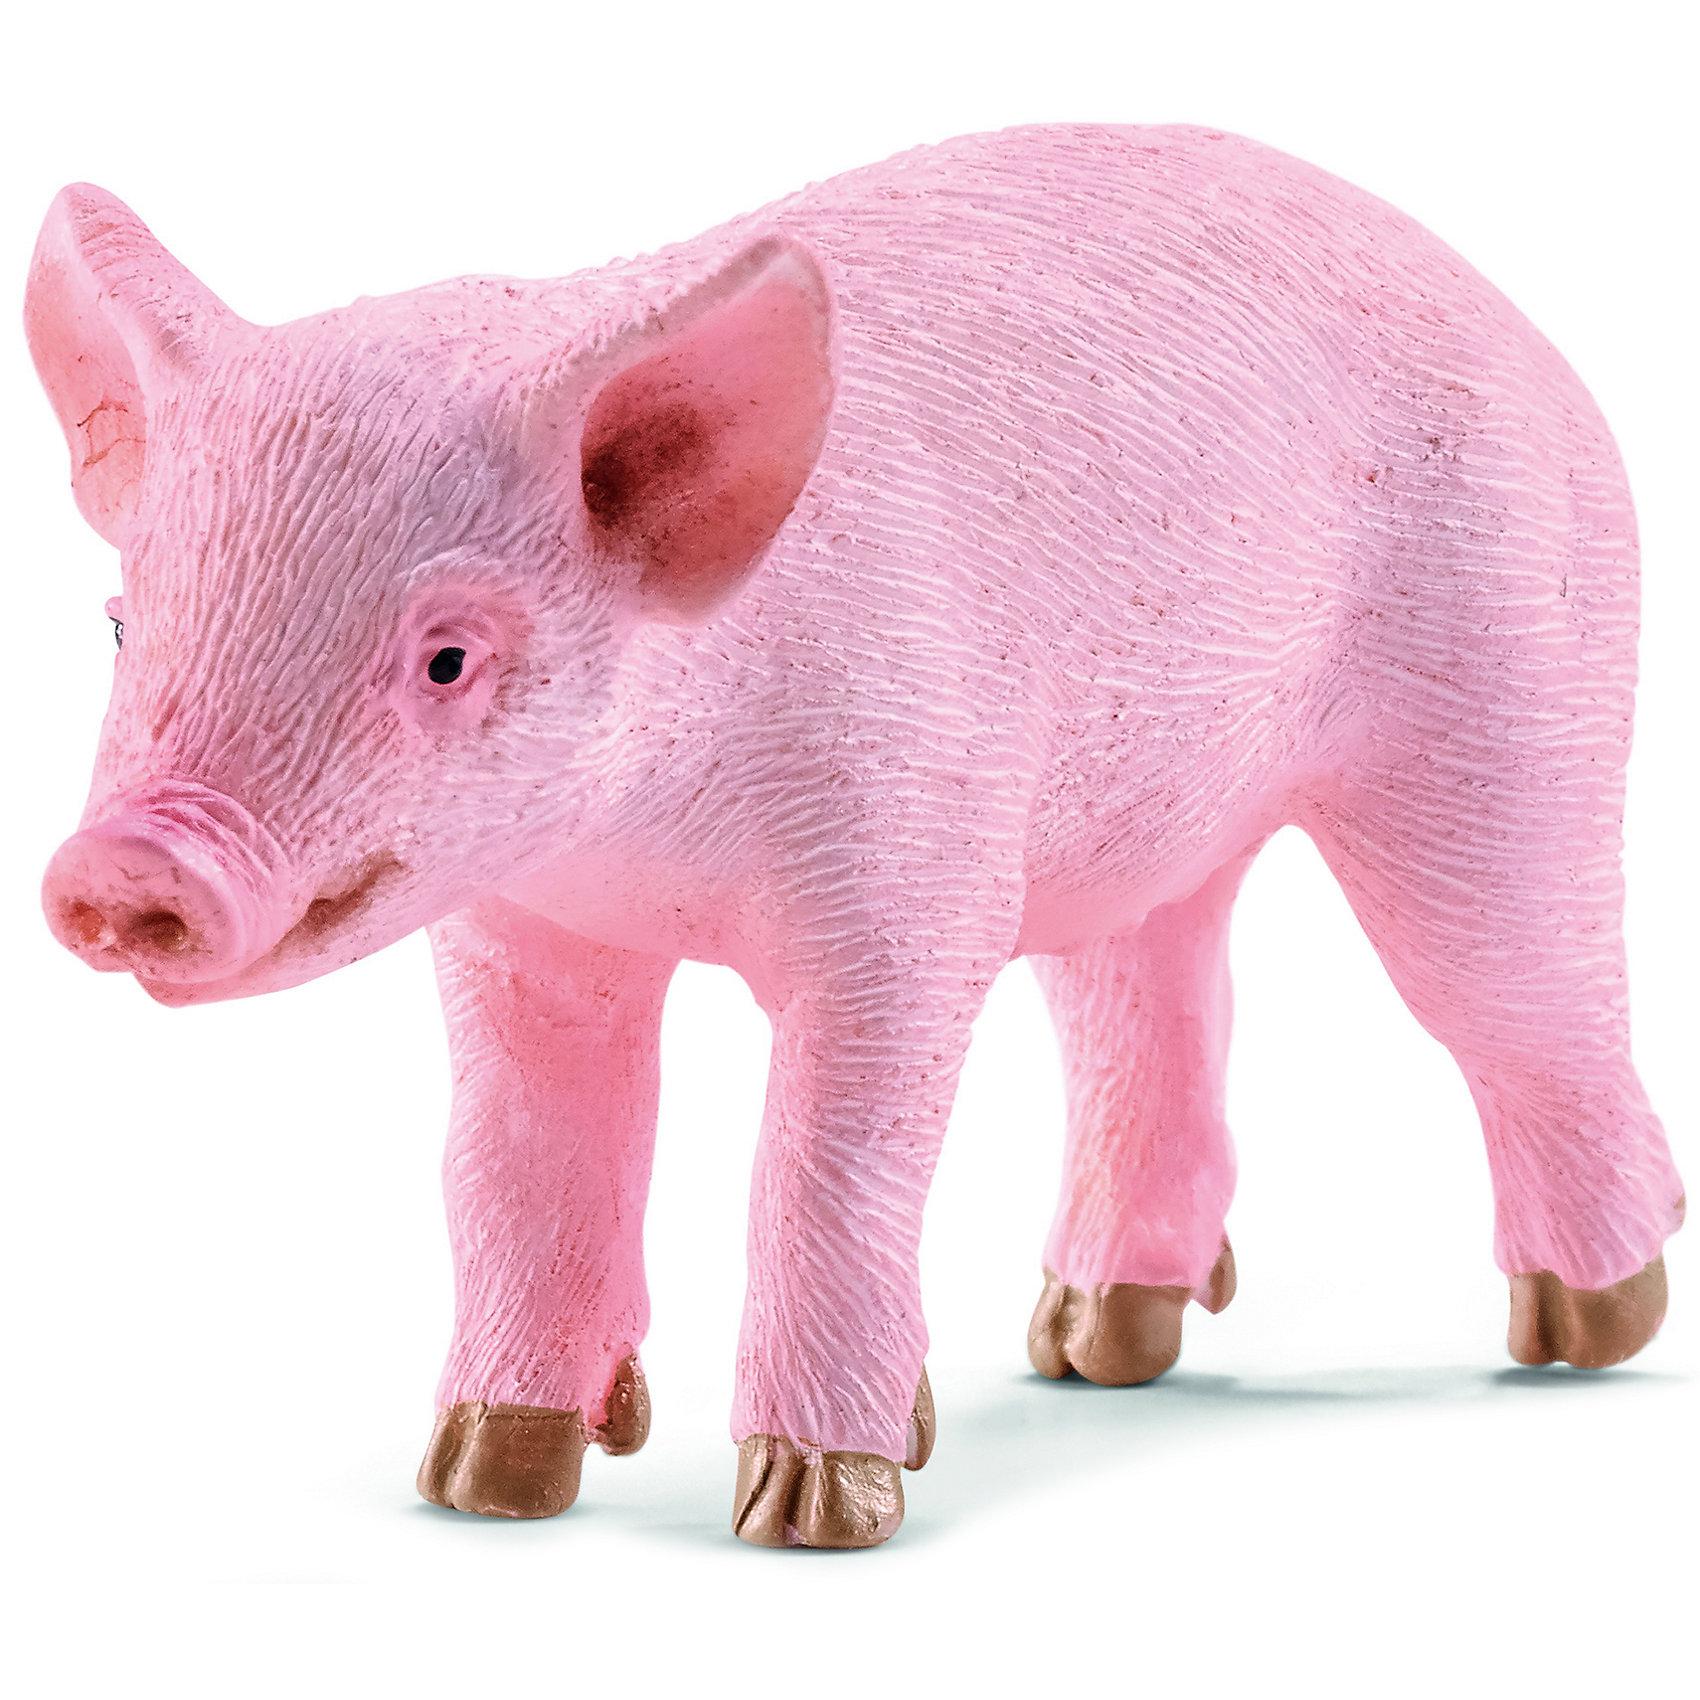 Поросенок, SchleichПоросенок, Schleich (Шляйх) – это высококачественная коллекционная и игровая фигурка.<br>Фигурка Поросенка прекрасно разнообразит игру вашего ребенка и станет отличным пополнением коллекции его фигурок животных. Свиньи являются одним из важнейших сельскохозяйственных животных. Бытует ошибочное мнение, что свиньи имеют пристрастие к валянию в грязи просто из любви к ней; на самом деле свиньи, таким образом, избавляются от кожных паразитов: высыхая, грязь отпадает вместе с паразитами. Кроме того, валяние в грязи служит им для охлаждения организма в жаркую погоду. Свиньи, являются очень умными животными и легко поддаются дрессировки. Благодаря высокому интеллекту свиньи сильно подвержены стрессам. Поросята очень привязаны к матерям, и если их разлучить, особенно в раннем возрасте, они это переживают очень болезненно: поросенок плохо ест и сильно теряет в весе. <br>Прекрасно выполненные фигурки Schleich (Шляйх) являются максимально точной копией настоящих животных и отличаются высочайшим качеством игрушек ручной работы. Каждая фигурка разработана с учетом исследований в области педагогики и производится как настоящее произведение для маленьких детских ручек. Все фигурки Schleich (Шляйх) сделаны из гипоаллергенных высокотехнологичных материалов, раскрашены вручную и не вызывают аллергии у ребенка.<br><br>Дополнительная информация:<br><br>- Размер фигурки: 5,7 x 3 x 1,8 см.<br>- Материал: высококачественный каучуковый пластик<br><br>Фигурку Поросенка, Schleich (Шляйх) можно купить в нашем интернет-магазине.<br><br>Ширина мм: 76<br>Глубина мм: 35<br>Высота мм: 20<br>Вес г: 7<br>Возраст от месяцев: 36<br>Возраст до месяцев: 96<br>Пол: Унисекс<br>Возраст: Детский<br>SKU: 3902508